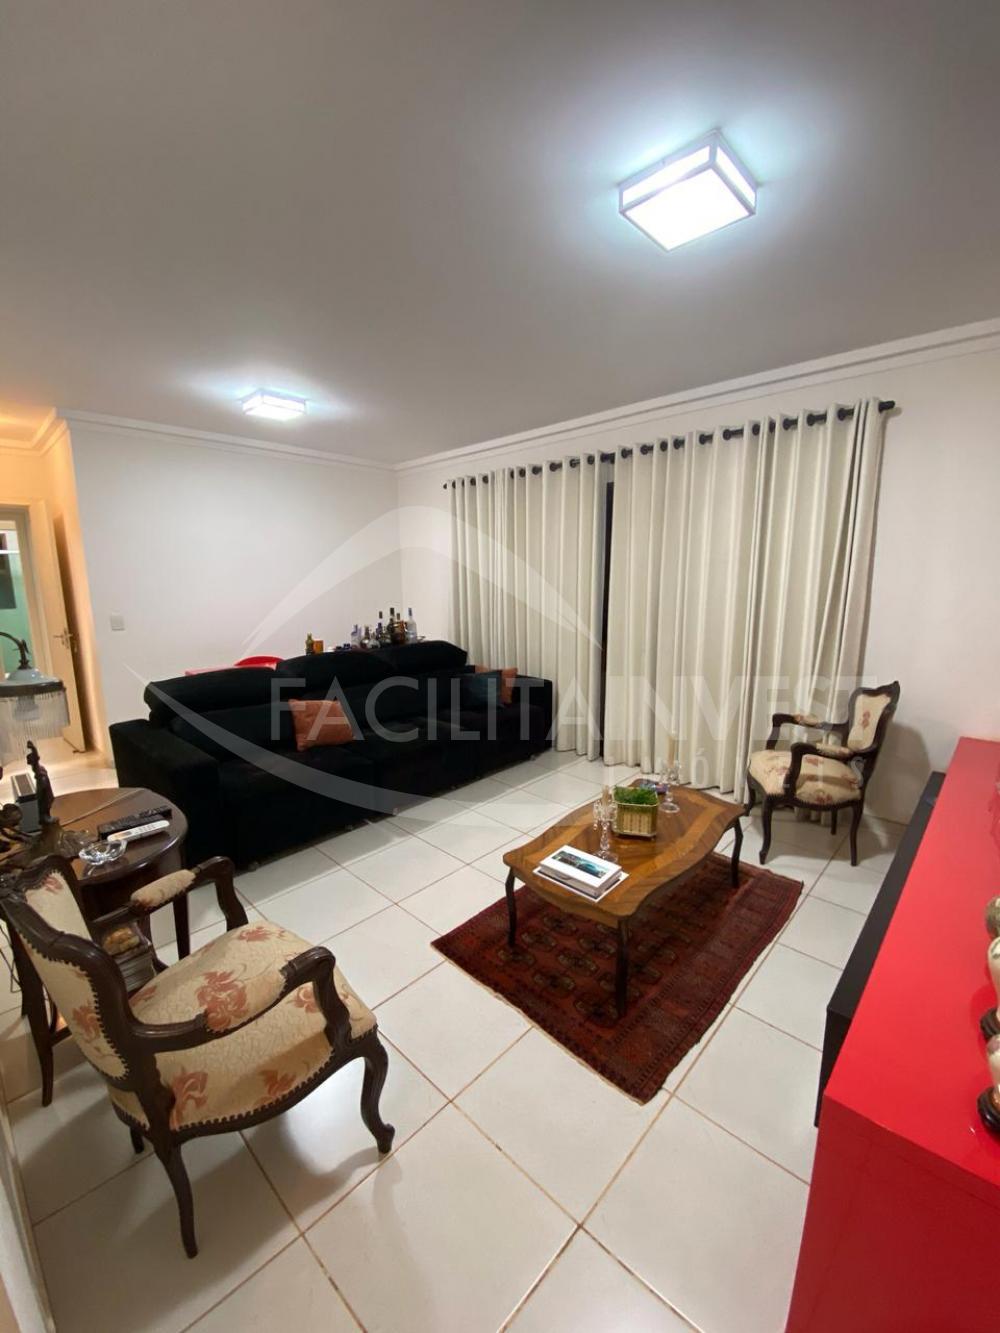 Comprar Apartamentos / Apart. Padrão em Ribeirão Preto apenas R$ 495.000,00 - Foto 2